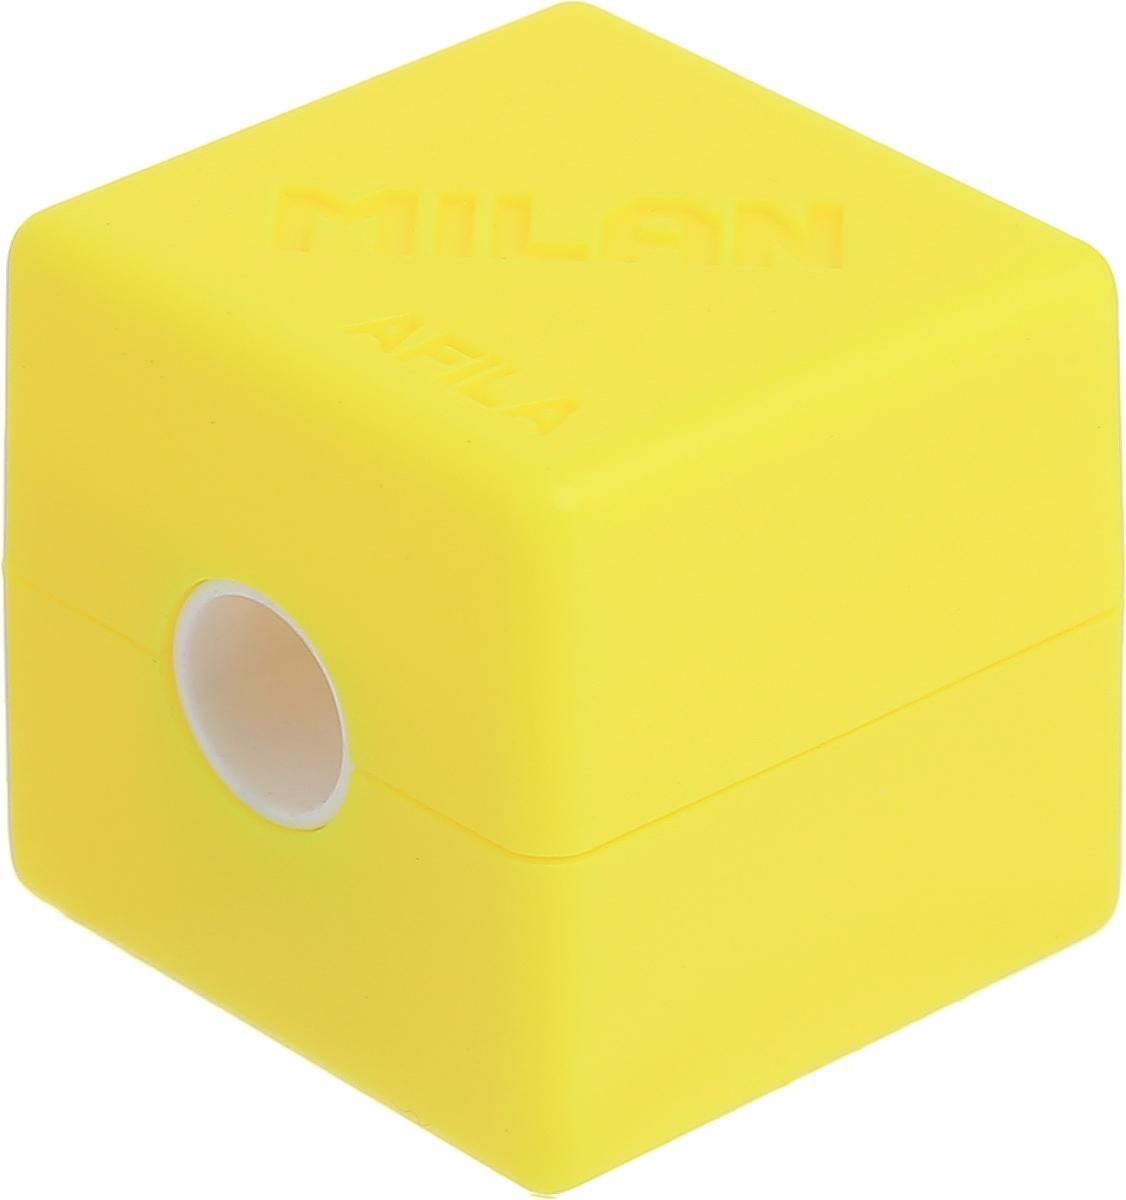 Milan Точилка Cubic с контейнером цвет желтый точилка пластиковая maped stop signal одно отверстие с контейнером